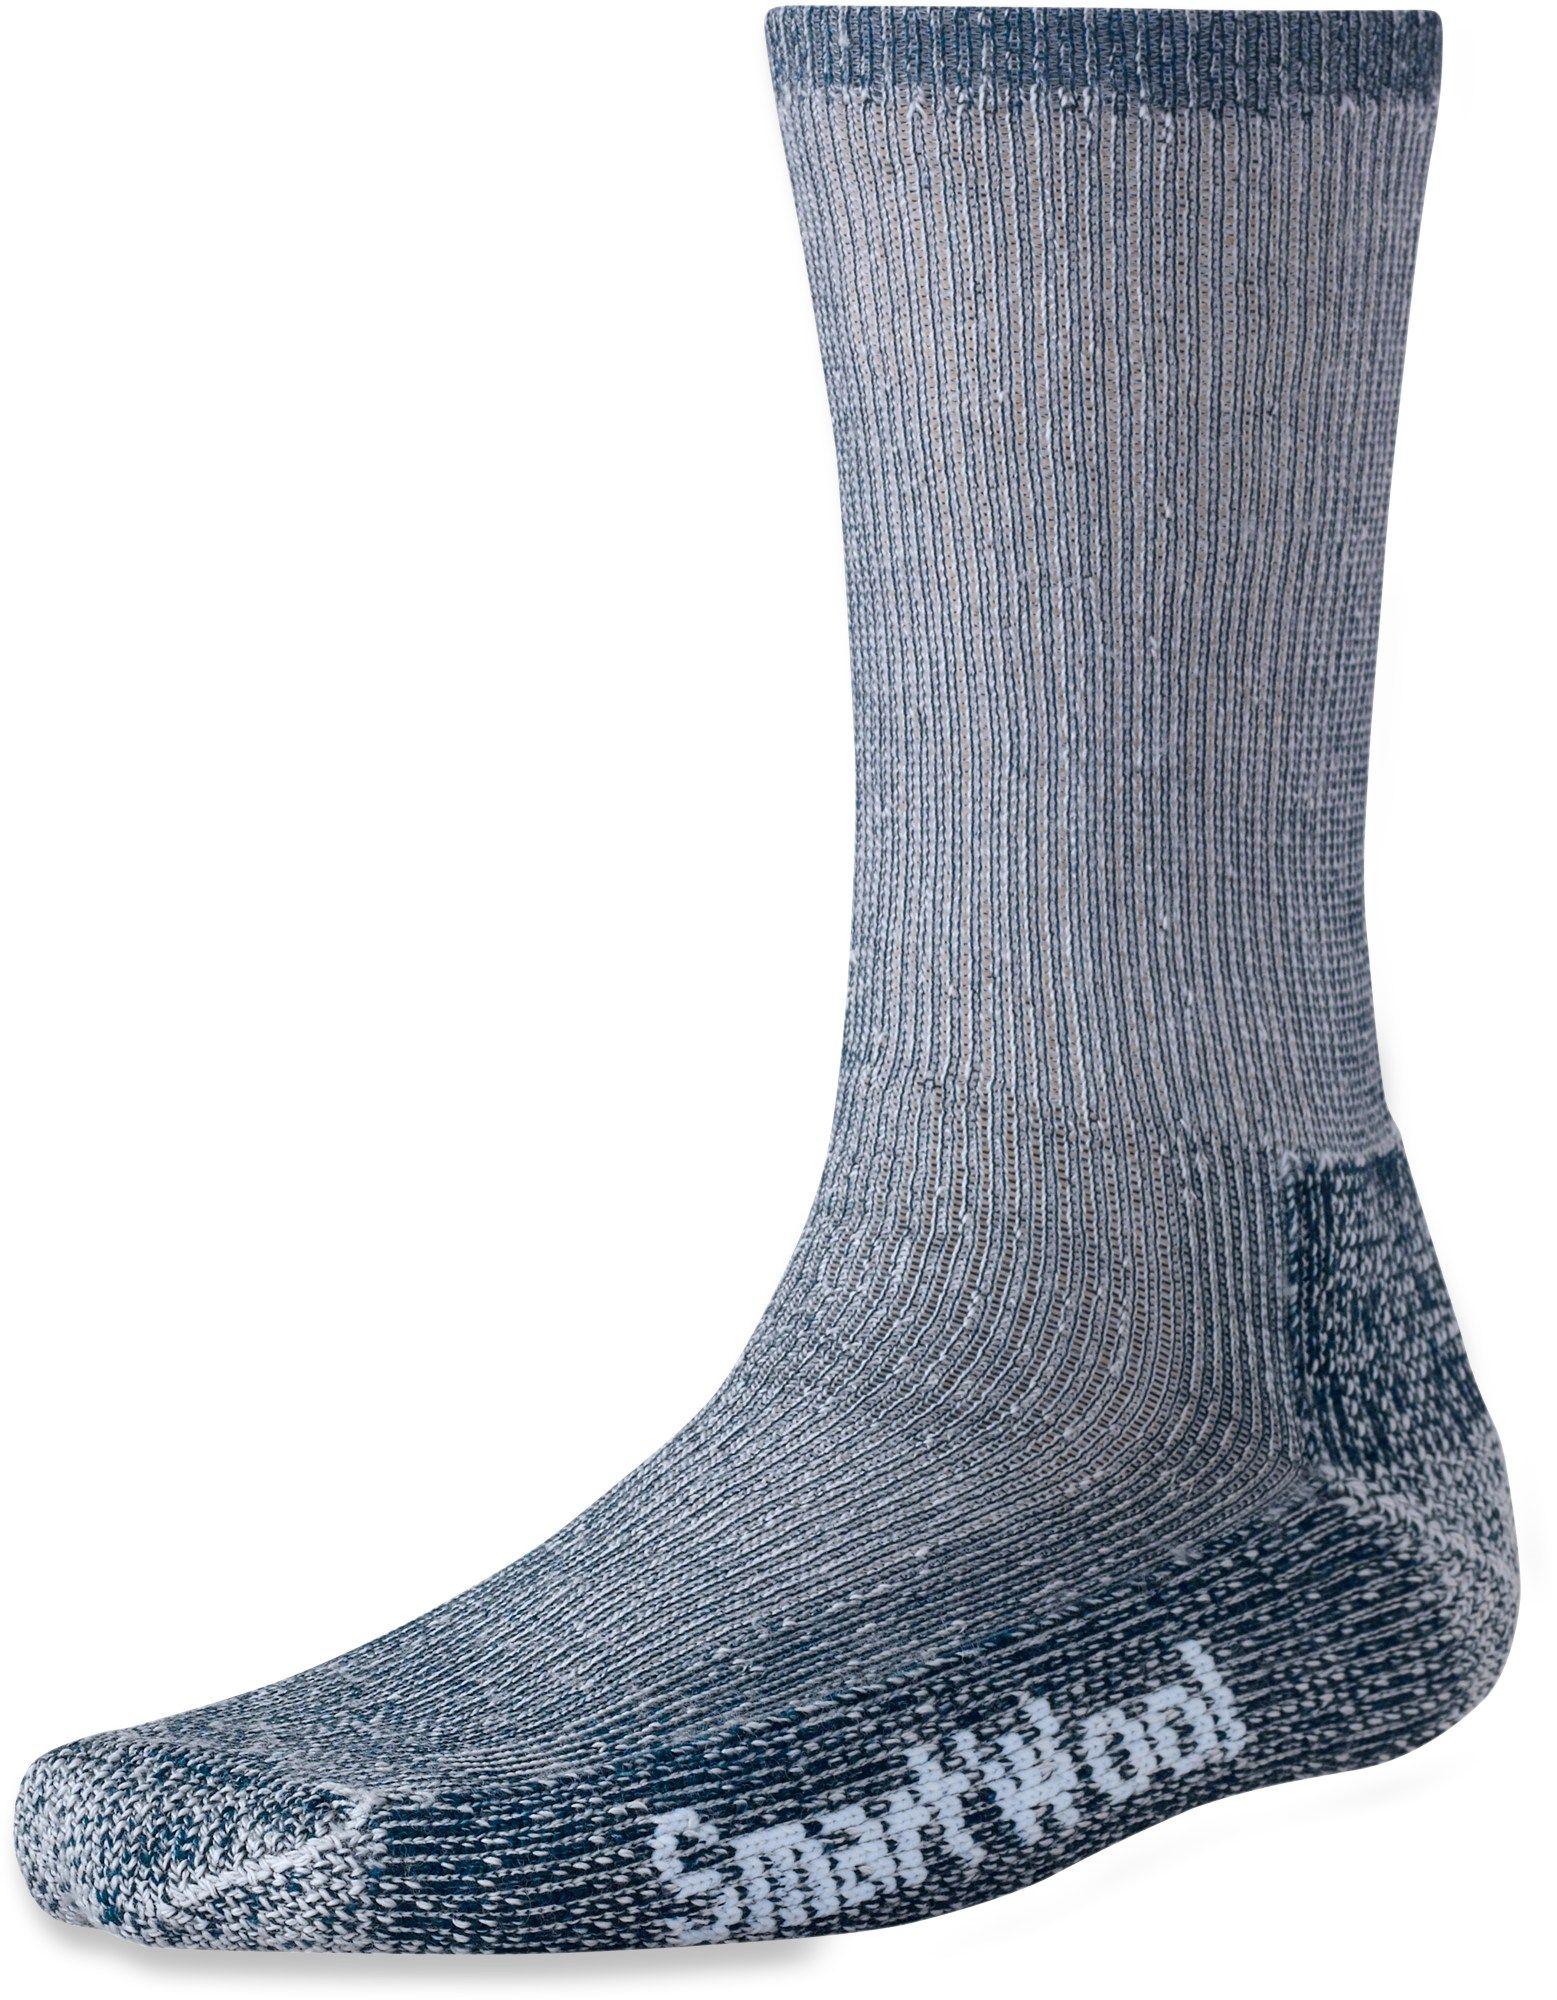 Grey All Sizes Smartwool Trekking Heavy Crew Mens Underwear Walking Socks